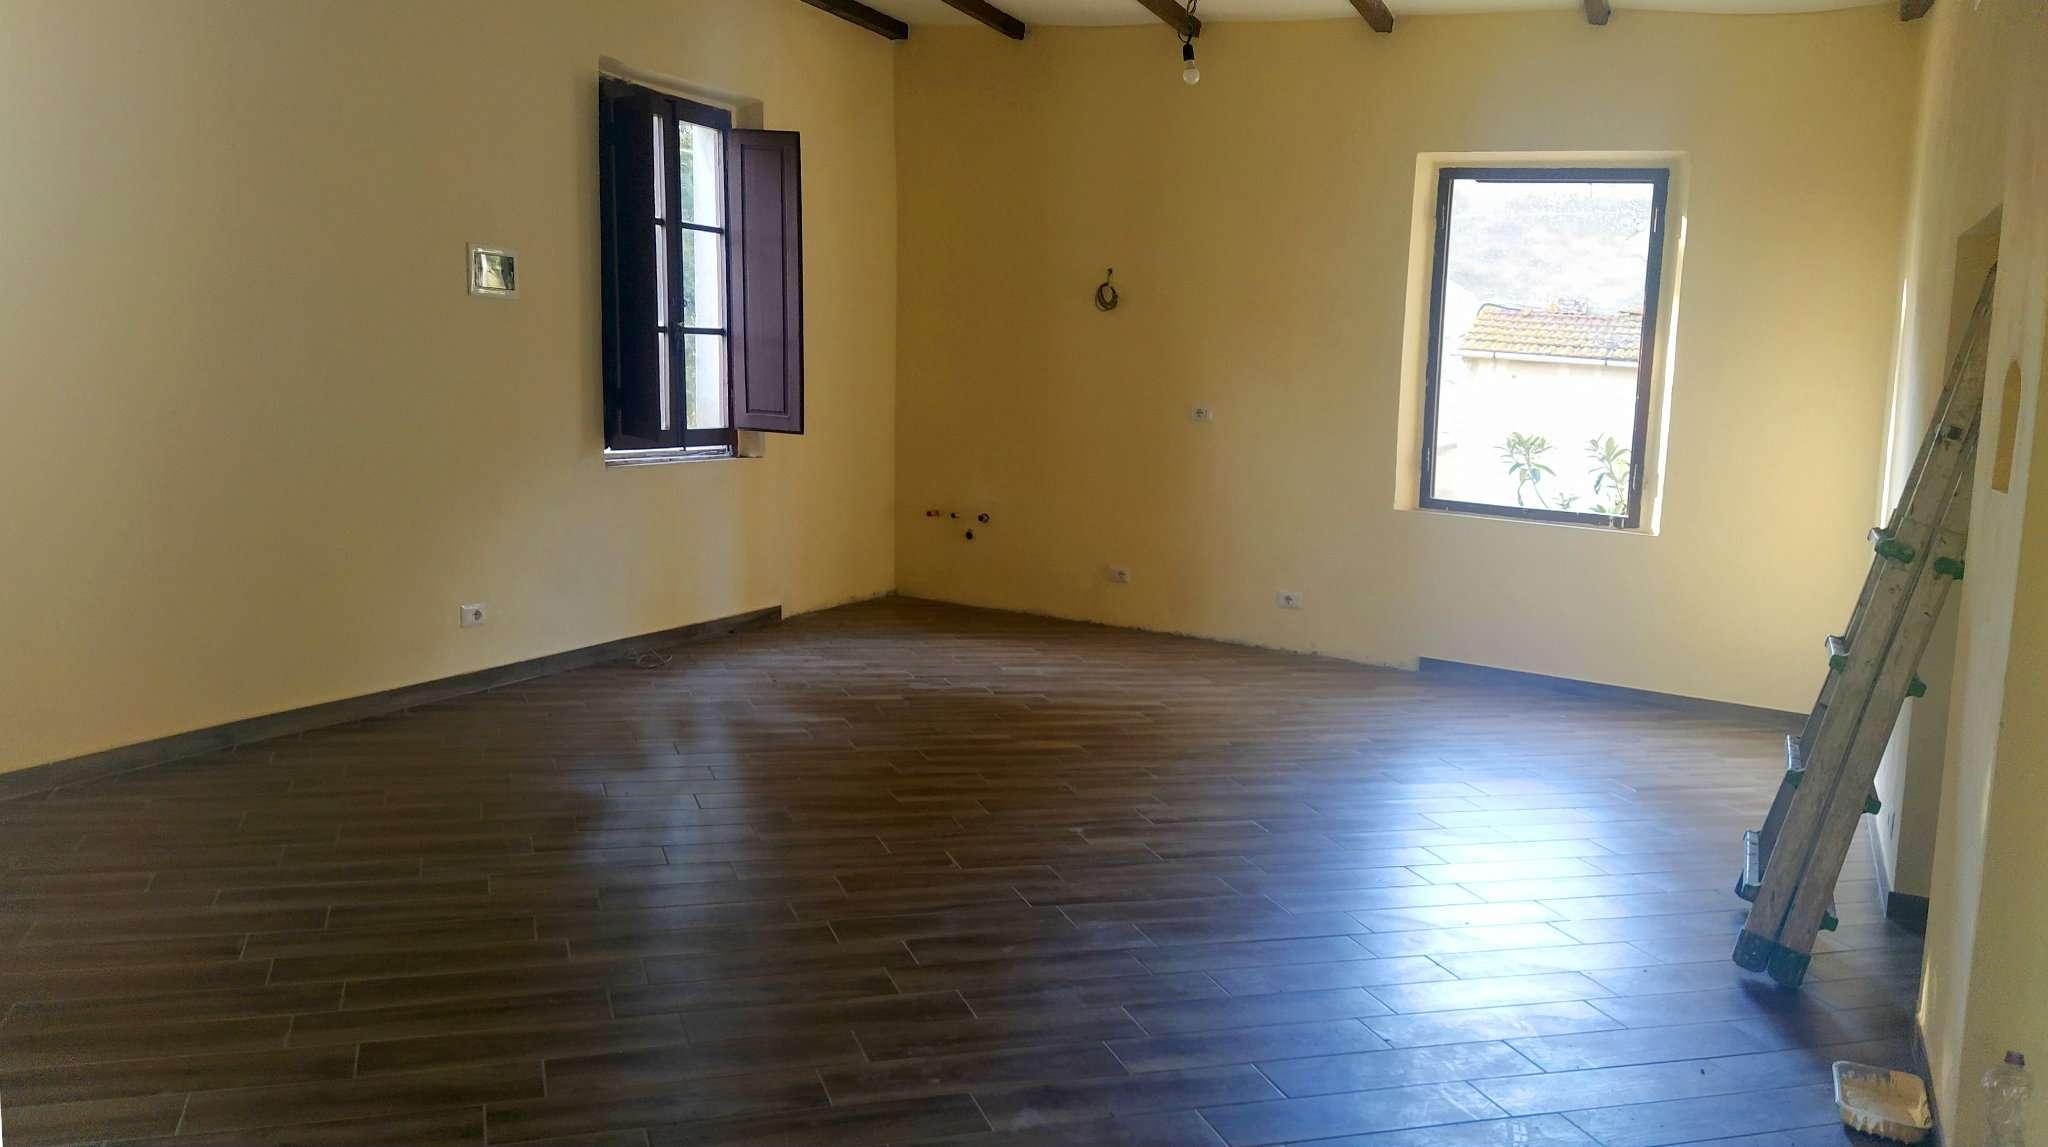 Appartamento in affitto a Montespertoli, 3 locali, prezzo € 750 | PortaleAgenzieImmobiliari.it